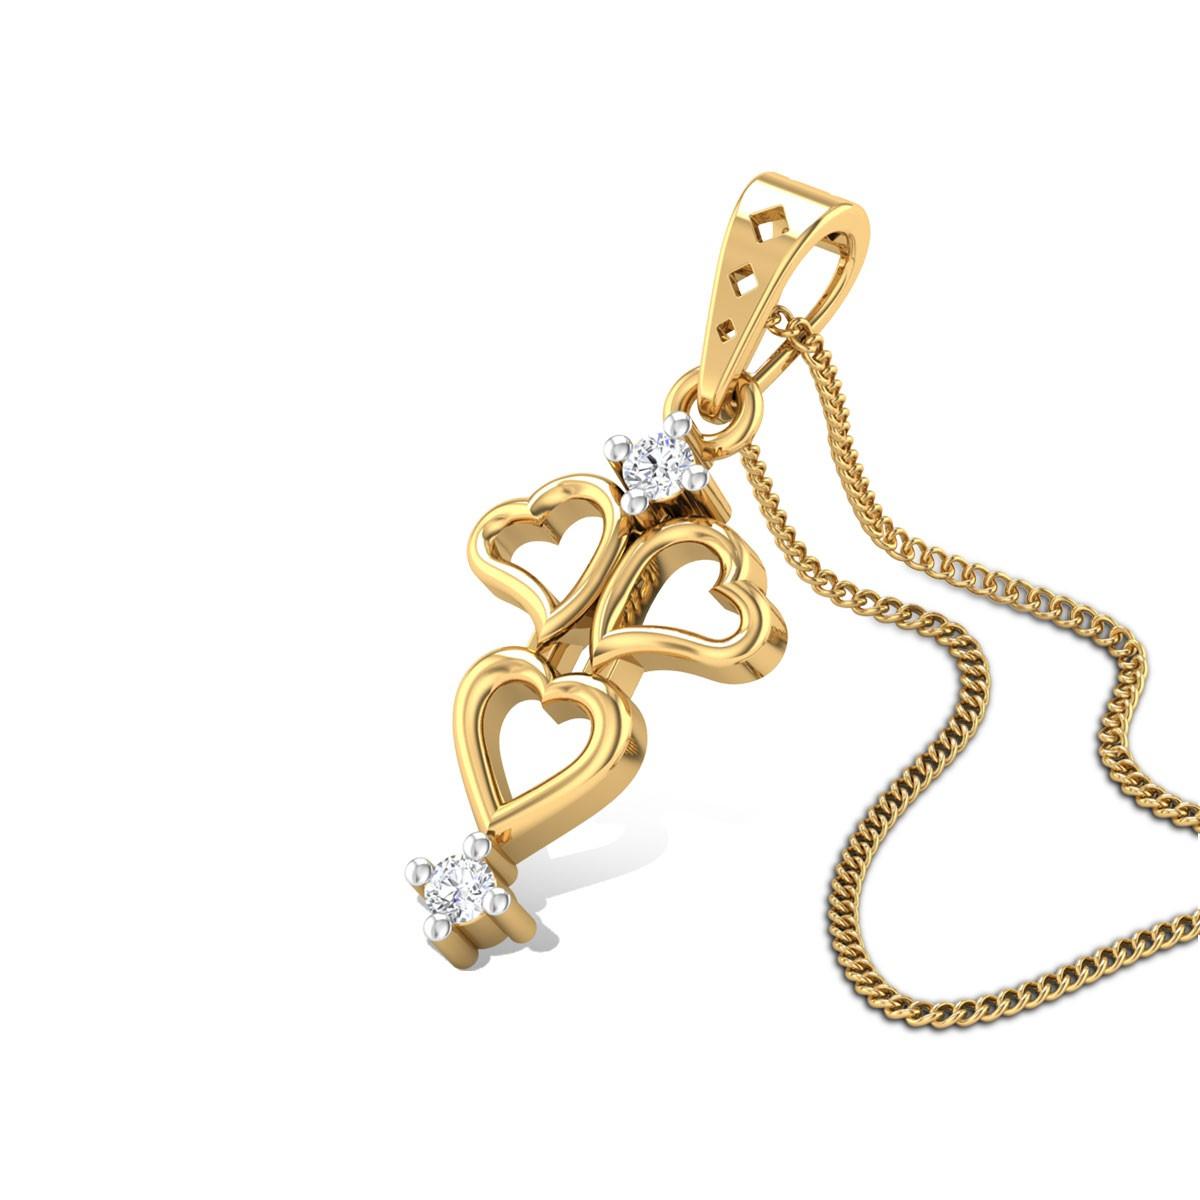 Buy Dancing Hearts Diamond Pendant Online